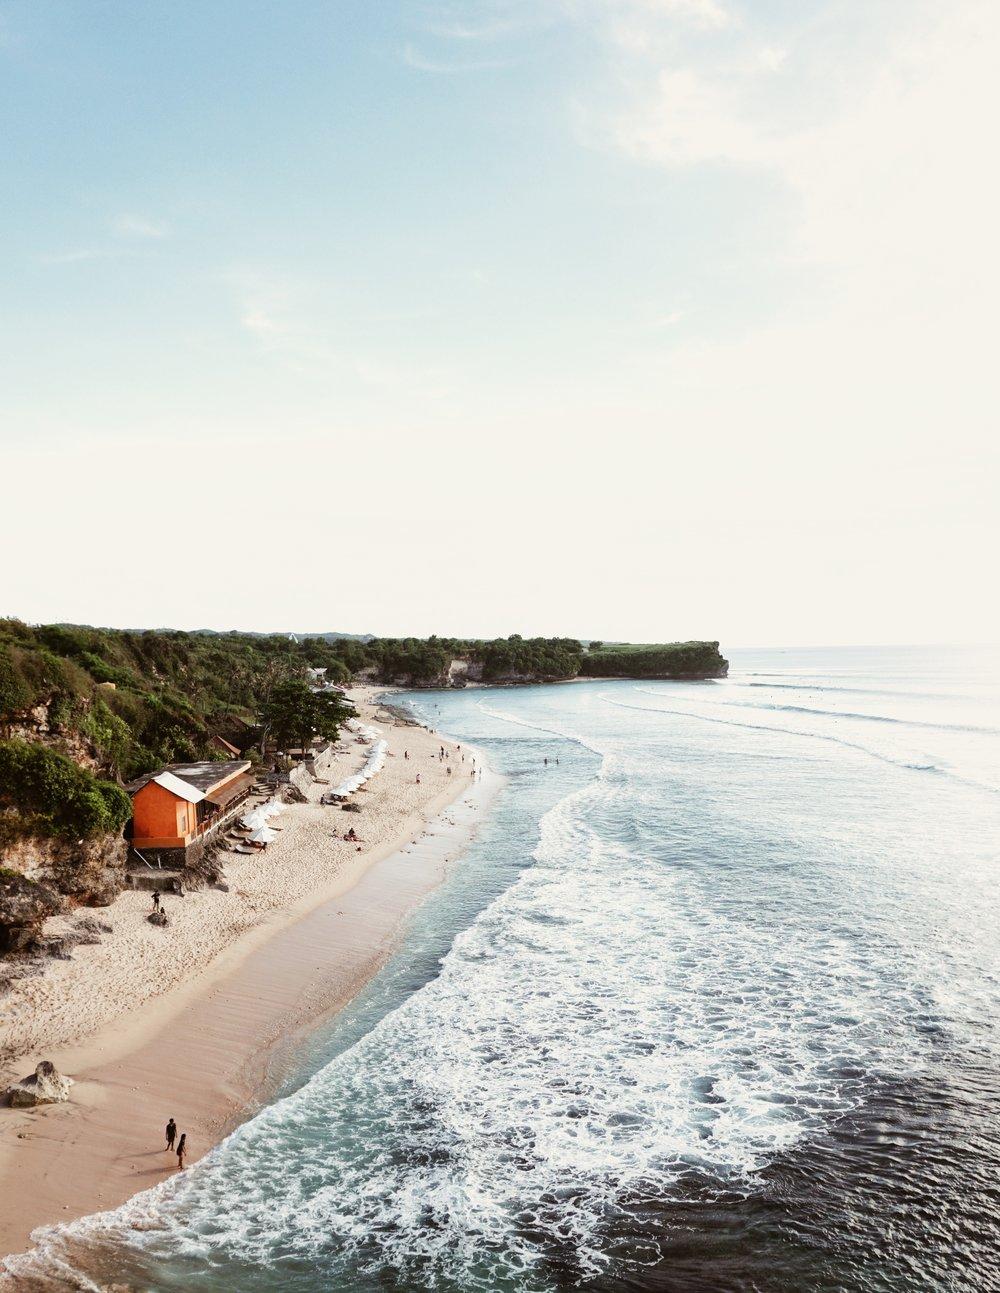 Bali - Photo By: Gede Wirahadi Pradnyana